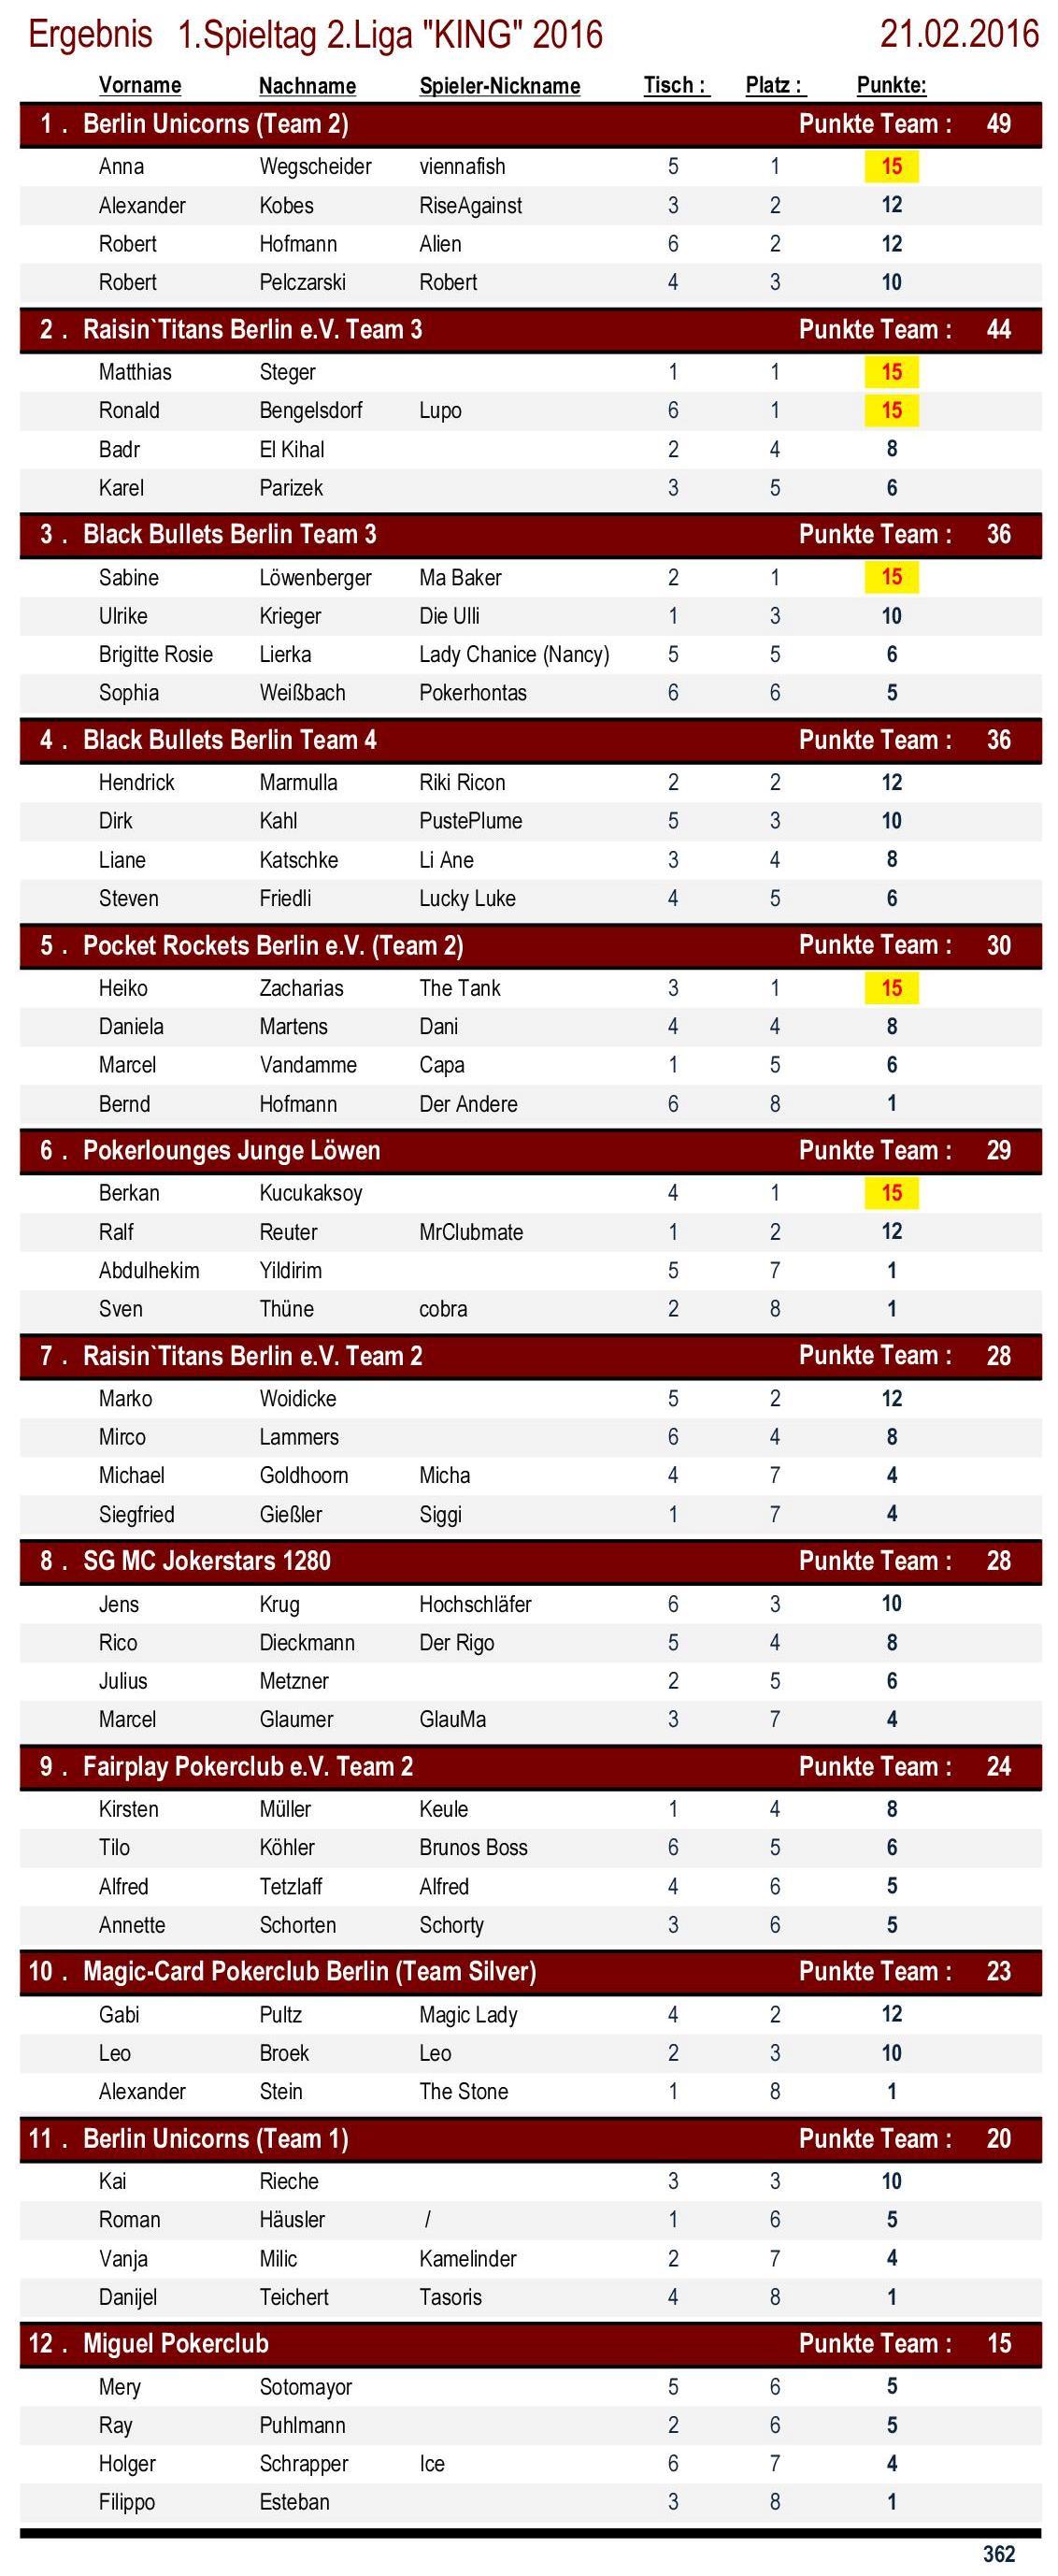 Ergebnisse 2.Liga `KING` 1. Spieltag 2016